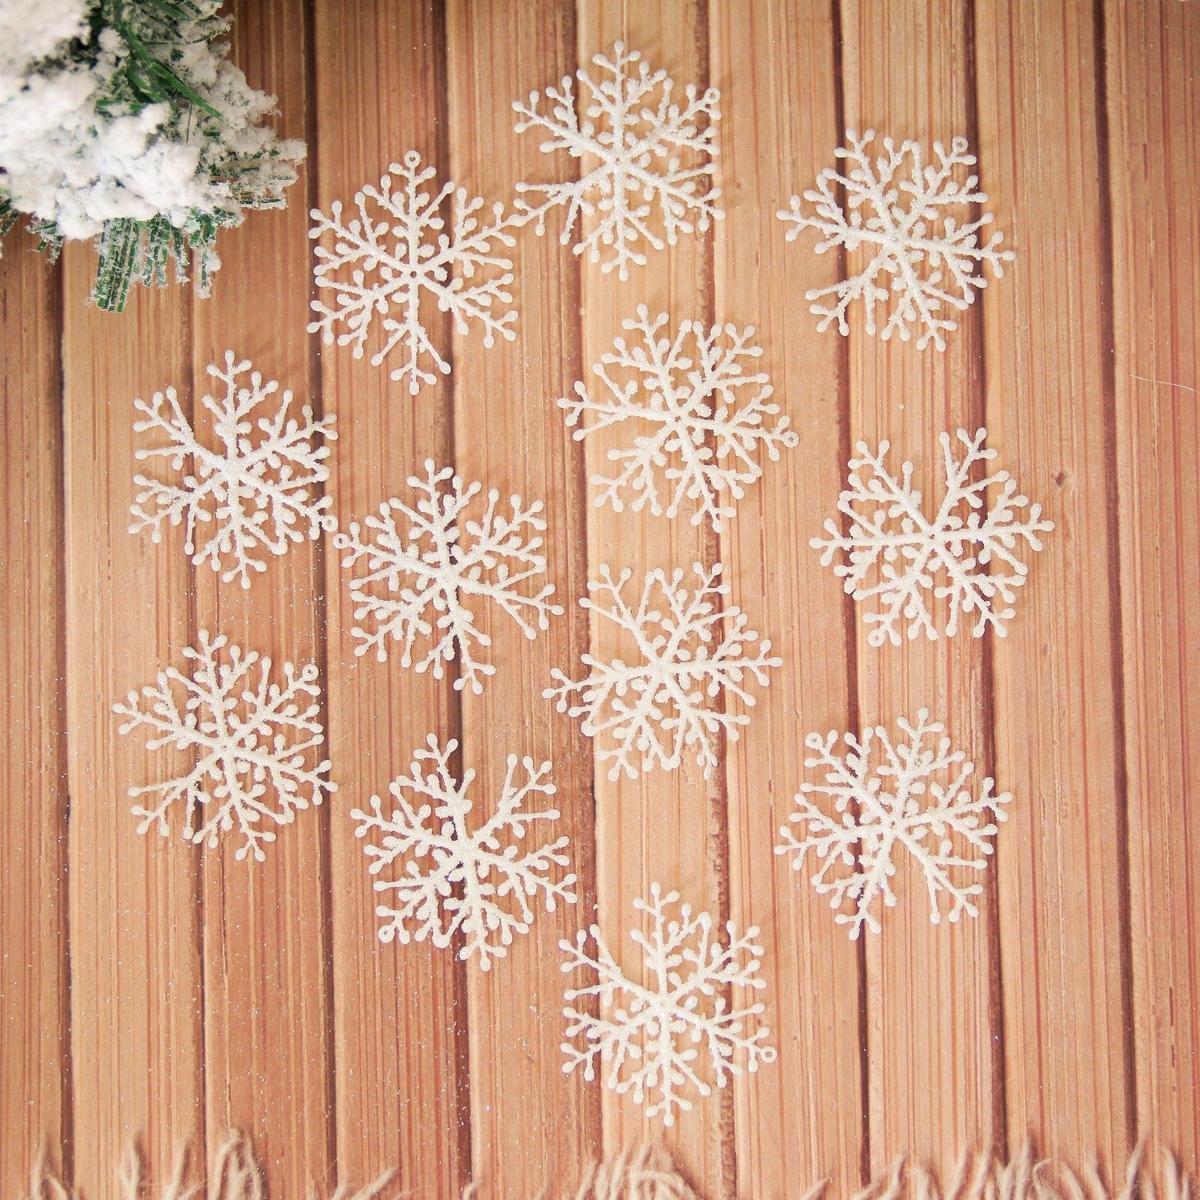 Набор новогодних подвесных украшений Снежинки, диаметр 5,5 см, 60 шт2155350Набор новогодних подвесных украшений отлично подойдет для декорации вашего дома и новогодней ели. С помощью специальной петельки украшение можно повесить в любом понравившемся вам месте. Но, конечно, удачнее всего оно будет смотреться на праздничной елке.Елочная игрушка - символ Нового года. Она несет в себе волшебство и красоту праздника. Такое украшение создаст в вашем доме атмосферу праздника, веселья и радости.